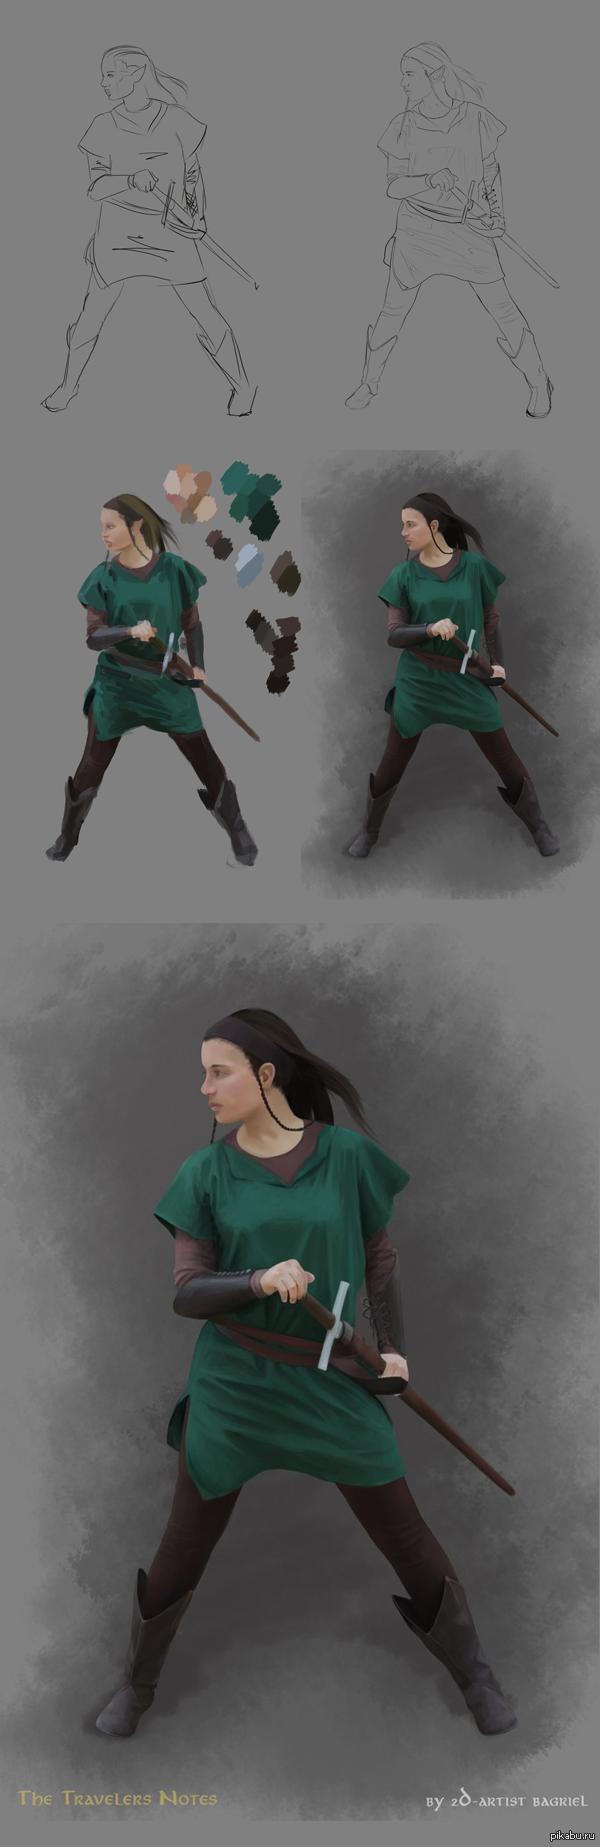 """Ещё один концепт арт Продолжаем создавать персонажей для игры  <a href=""""http://pikabu.ru/story/the_traveller_notes_2603398"""">http://pikabu.ru/story/_2603398</a>  И нам всё ещё нужны персонажники и аниматоры =)"""